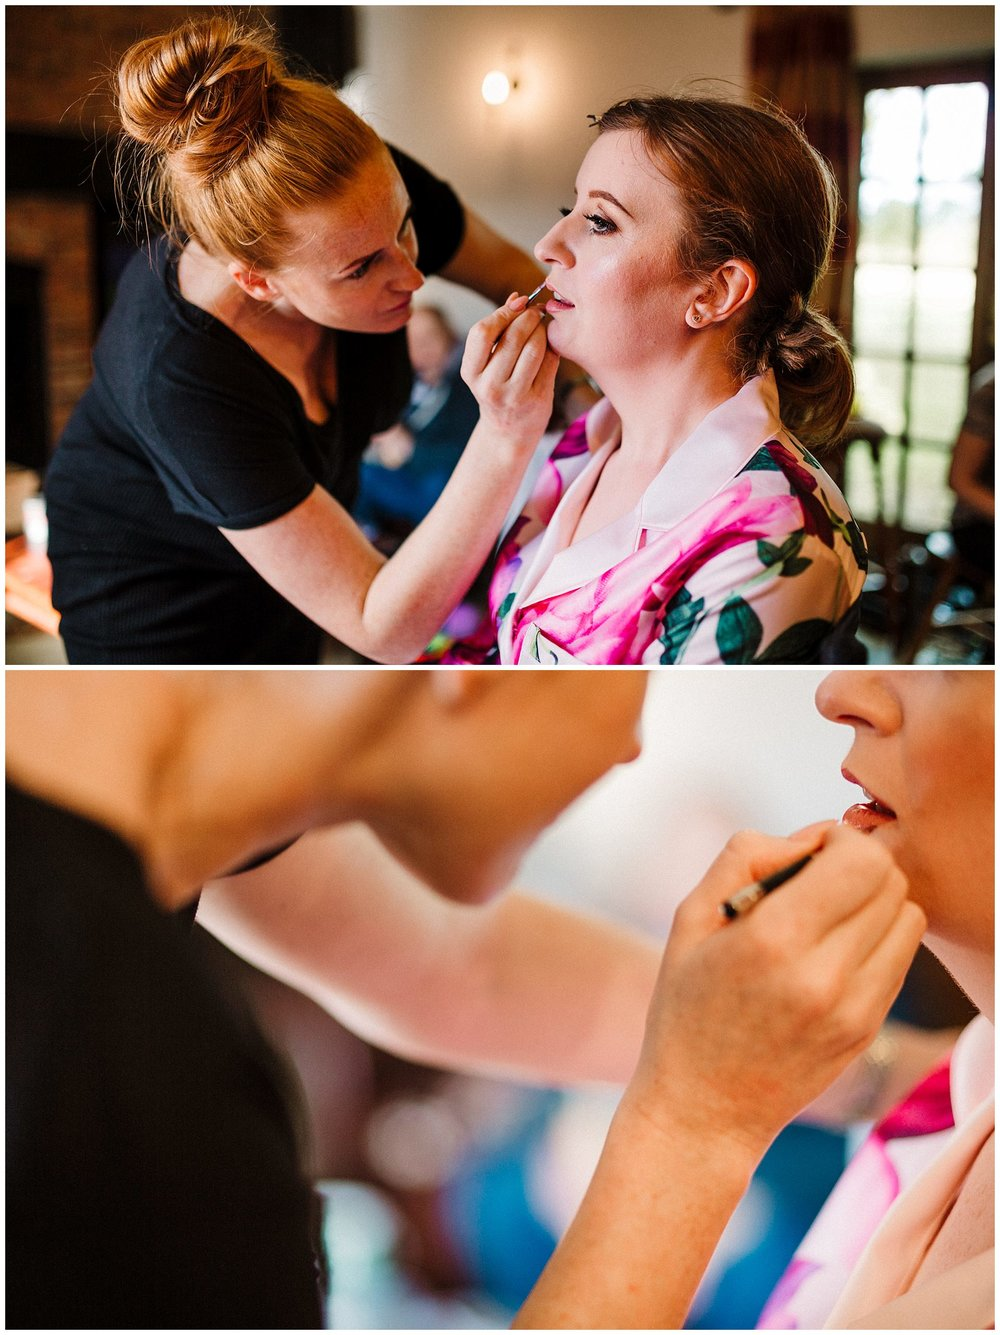 A makeup artist putting lipstick on a bride